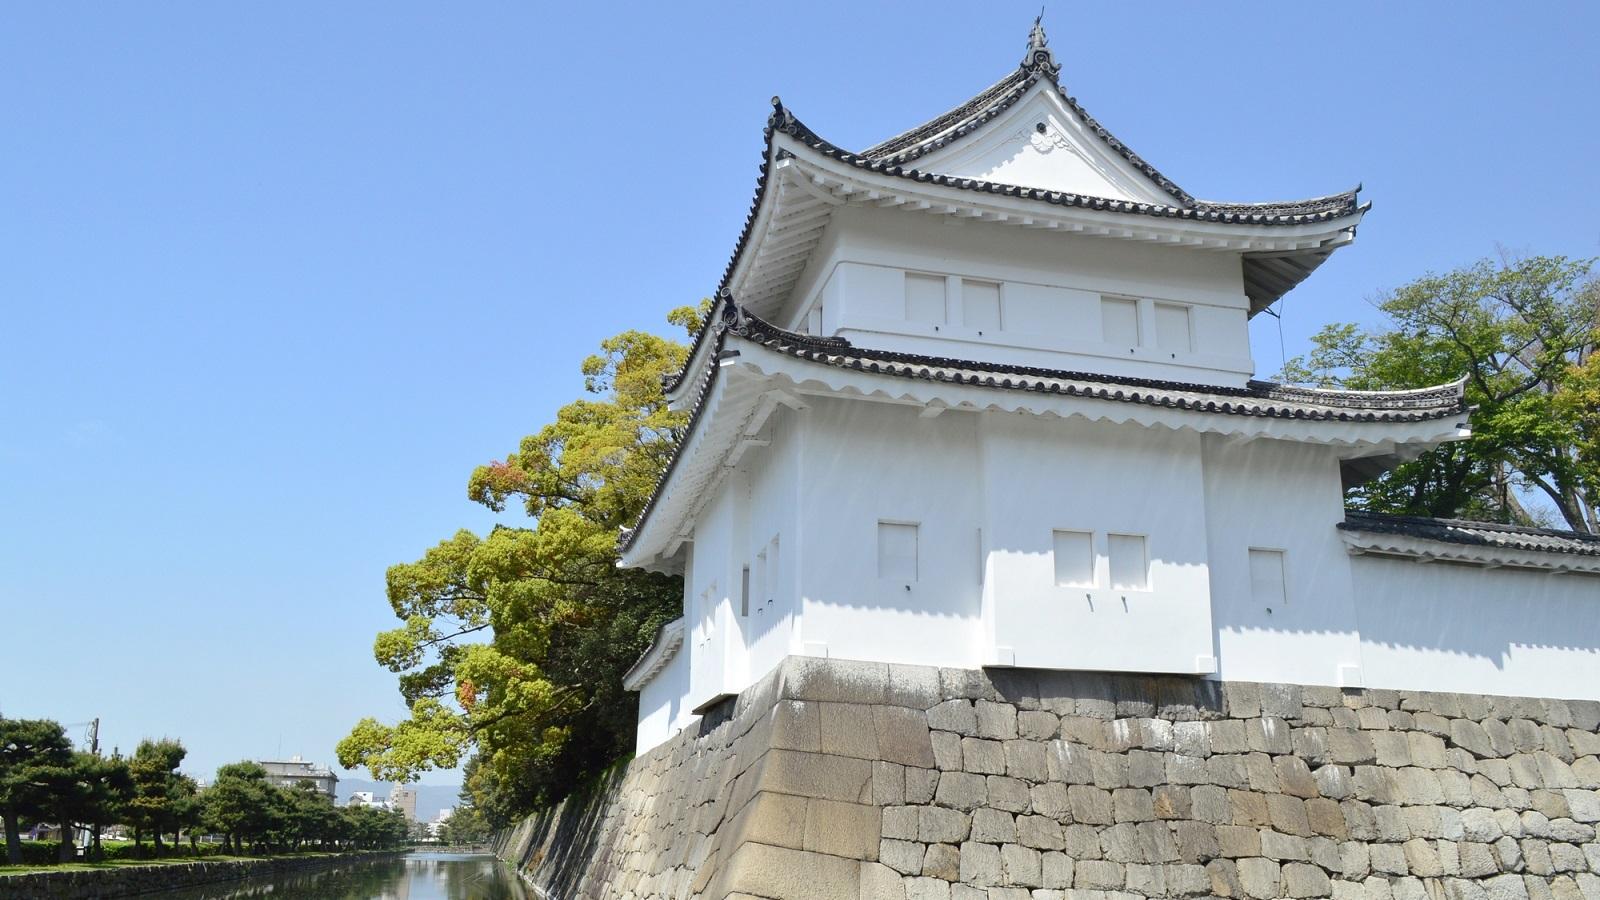 【京都観光】「二条城」世界遺産・元離宮二条城